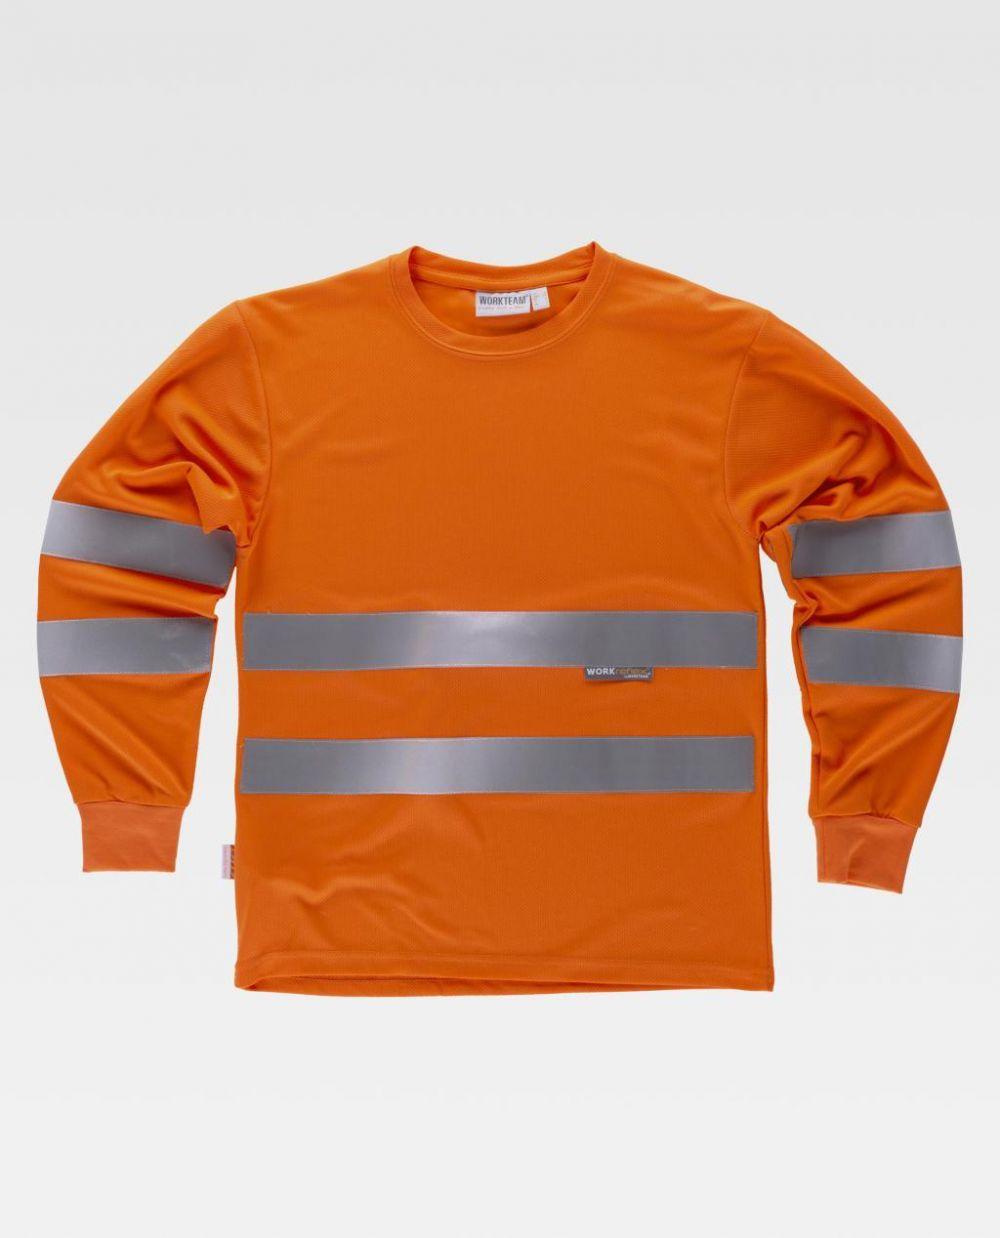 Camisetas reflectante workteam alta visibilidad ml c3933 de poliéster vista 1